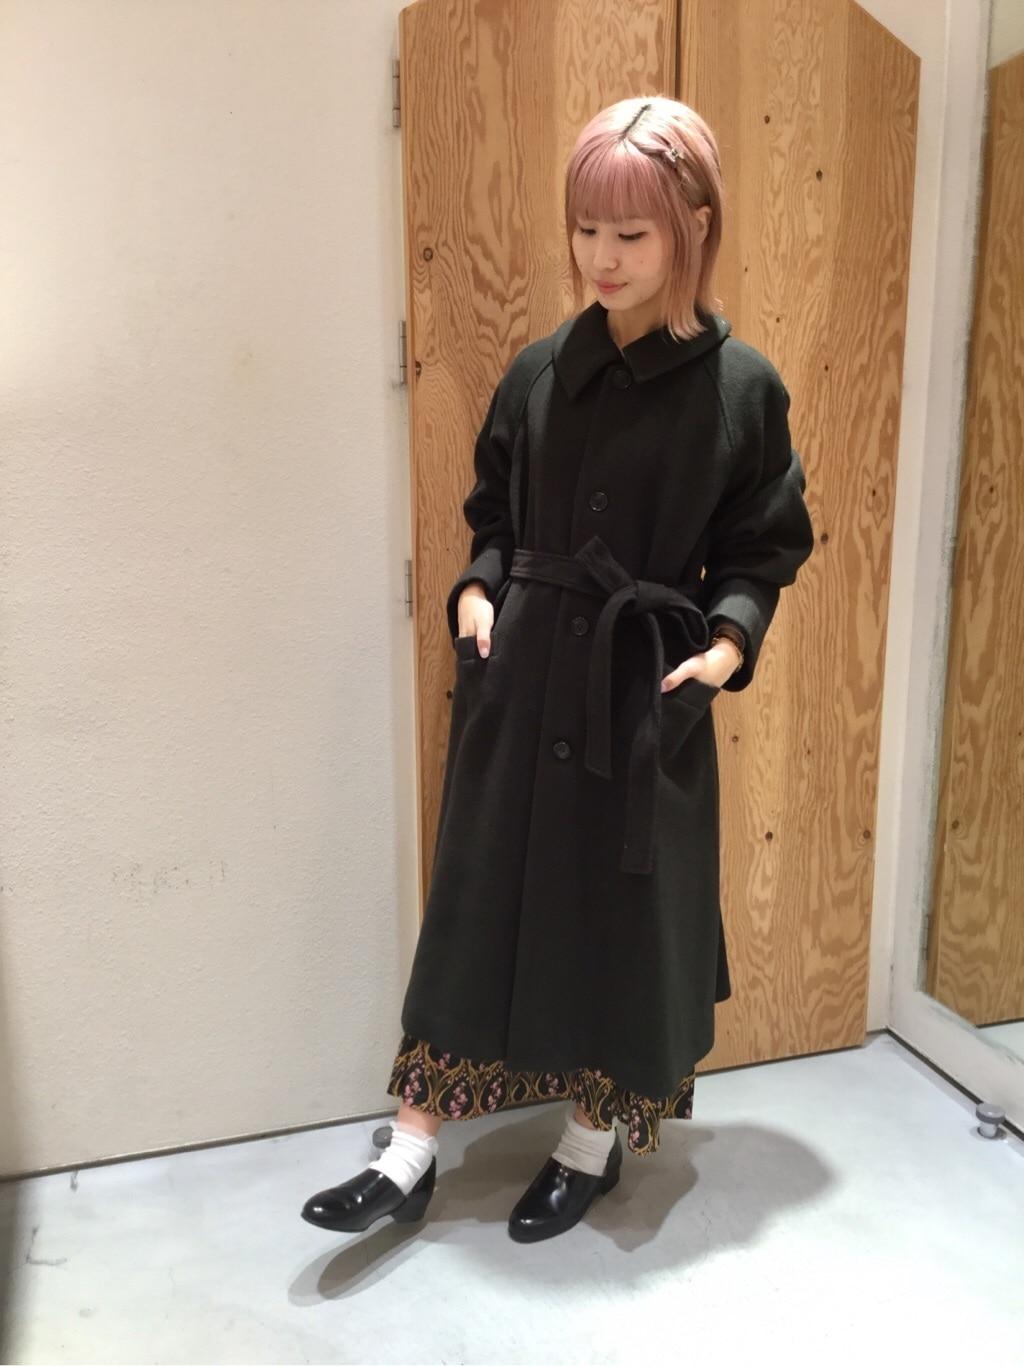 l'atelier du savon グランフロント大阪 身長:157cm 2019.09.26